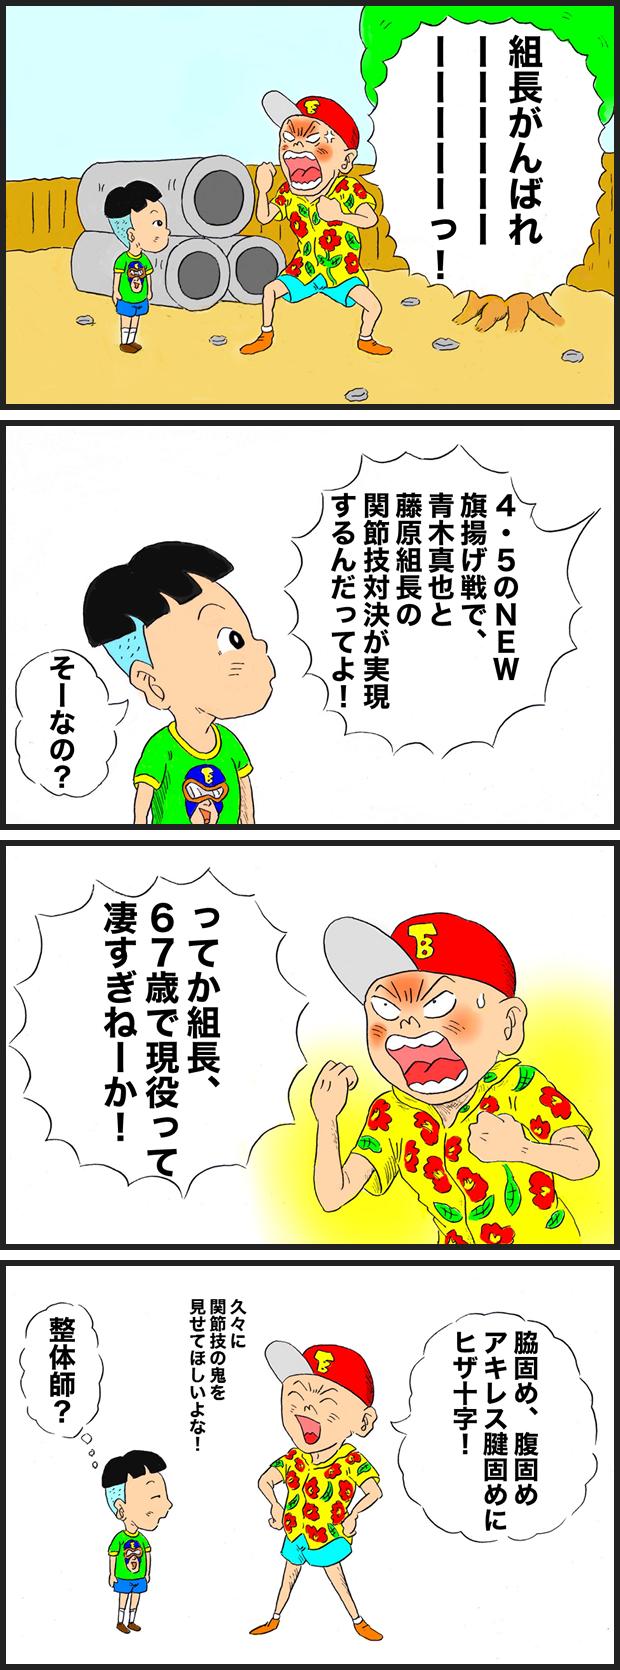 353 昭和vs平成関節技対決